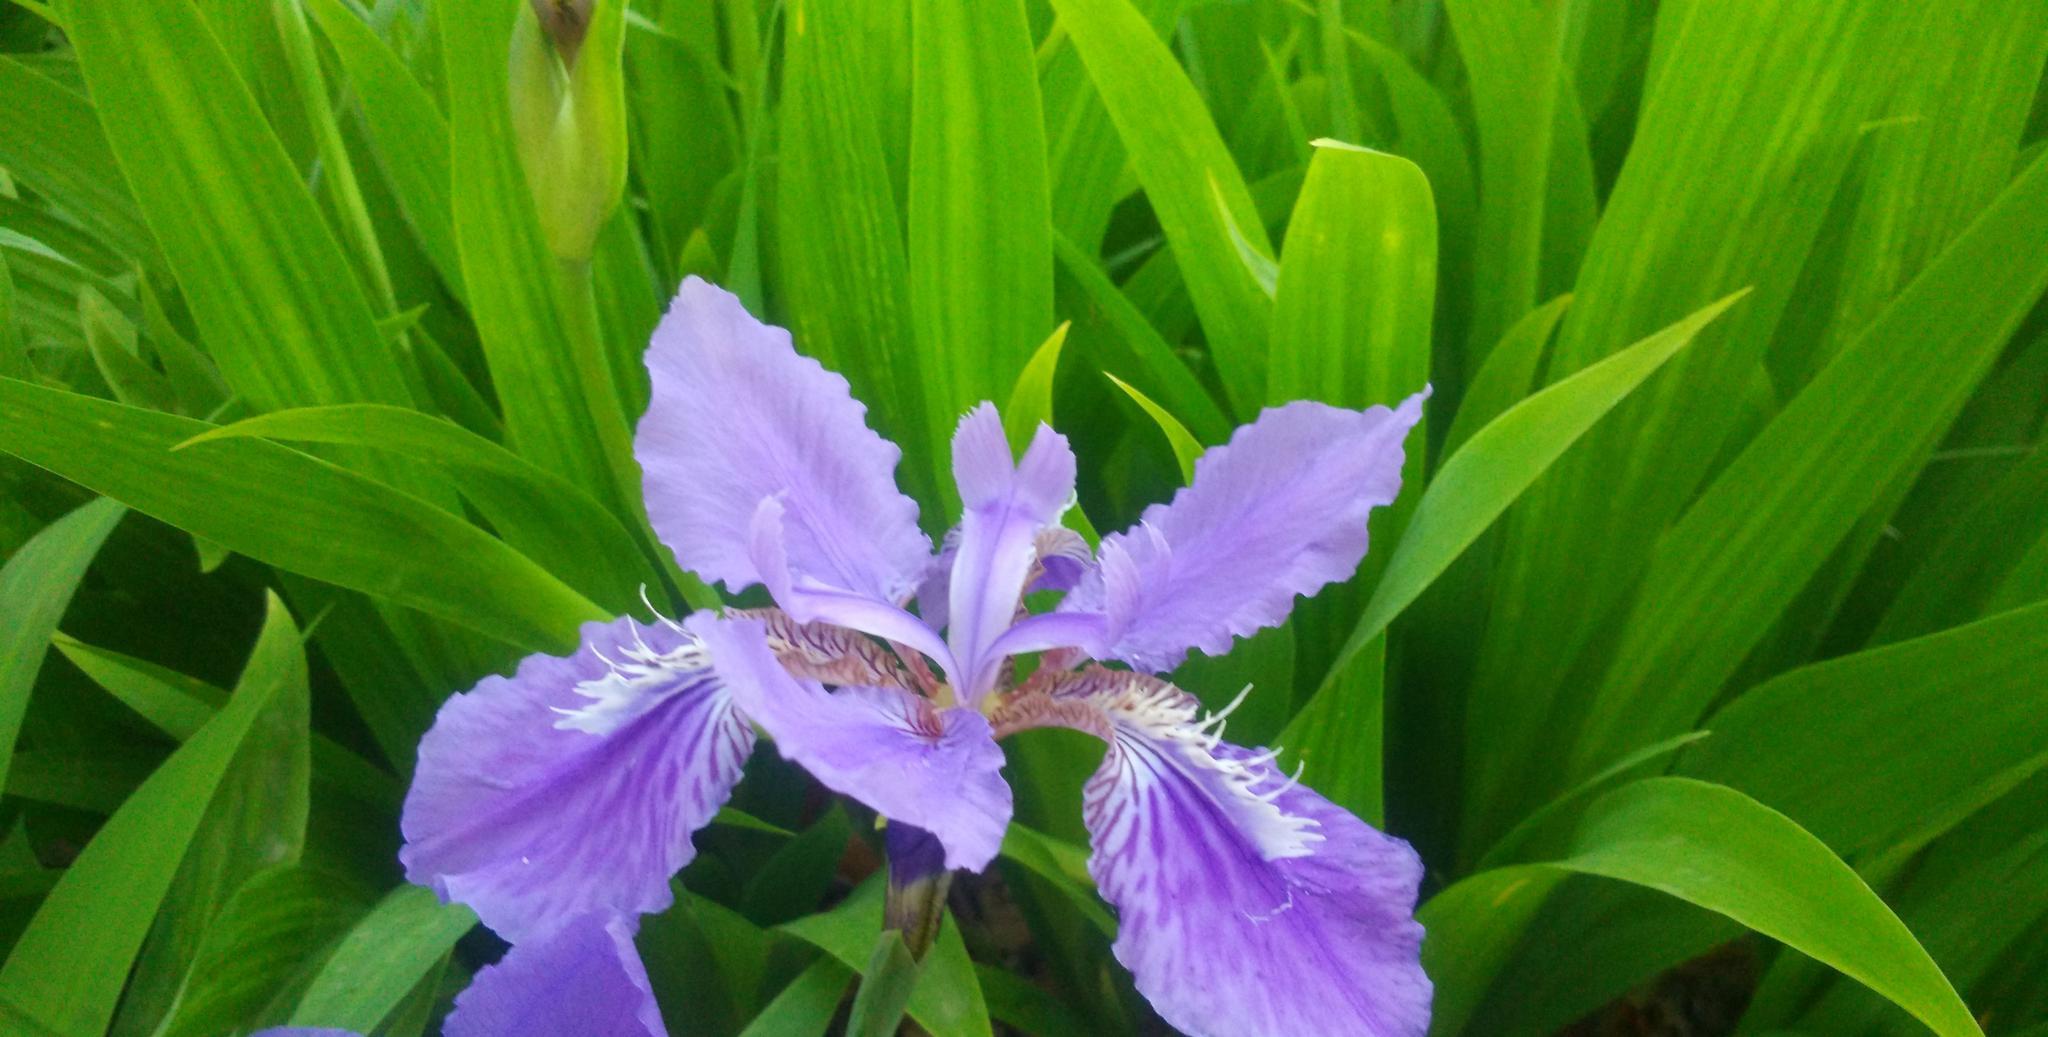 会行走的花卉——鸢尾花